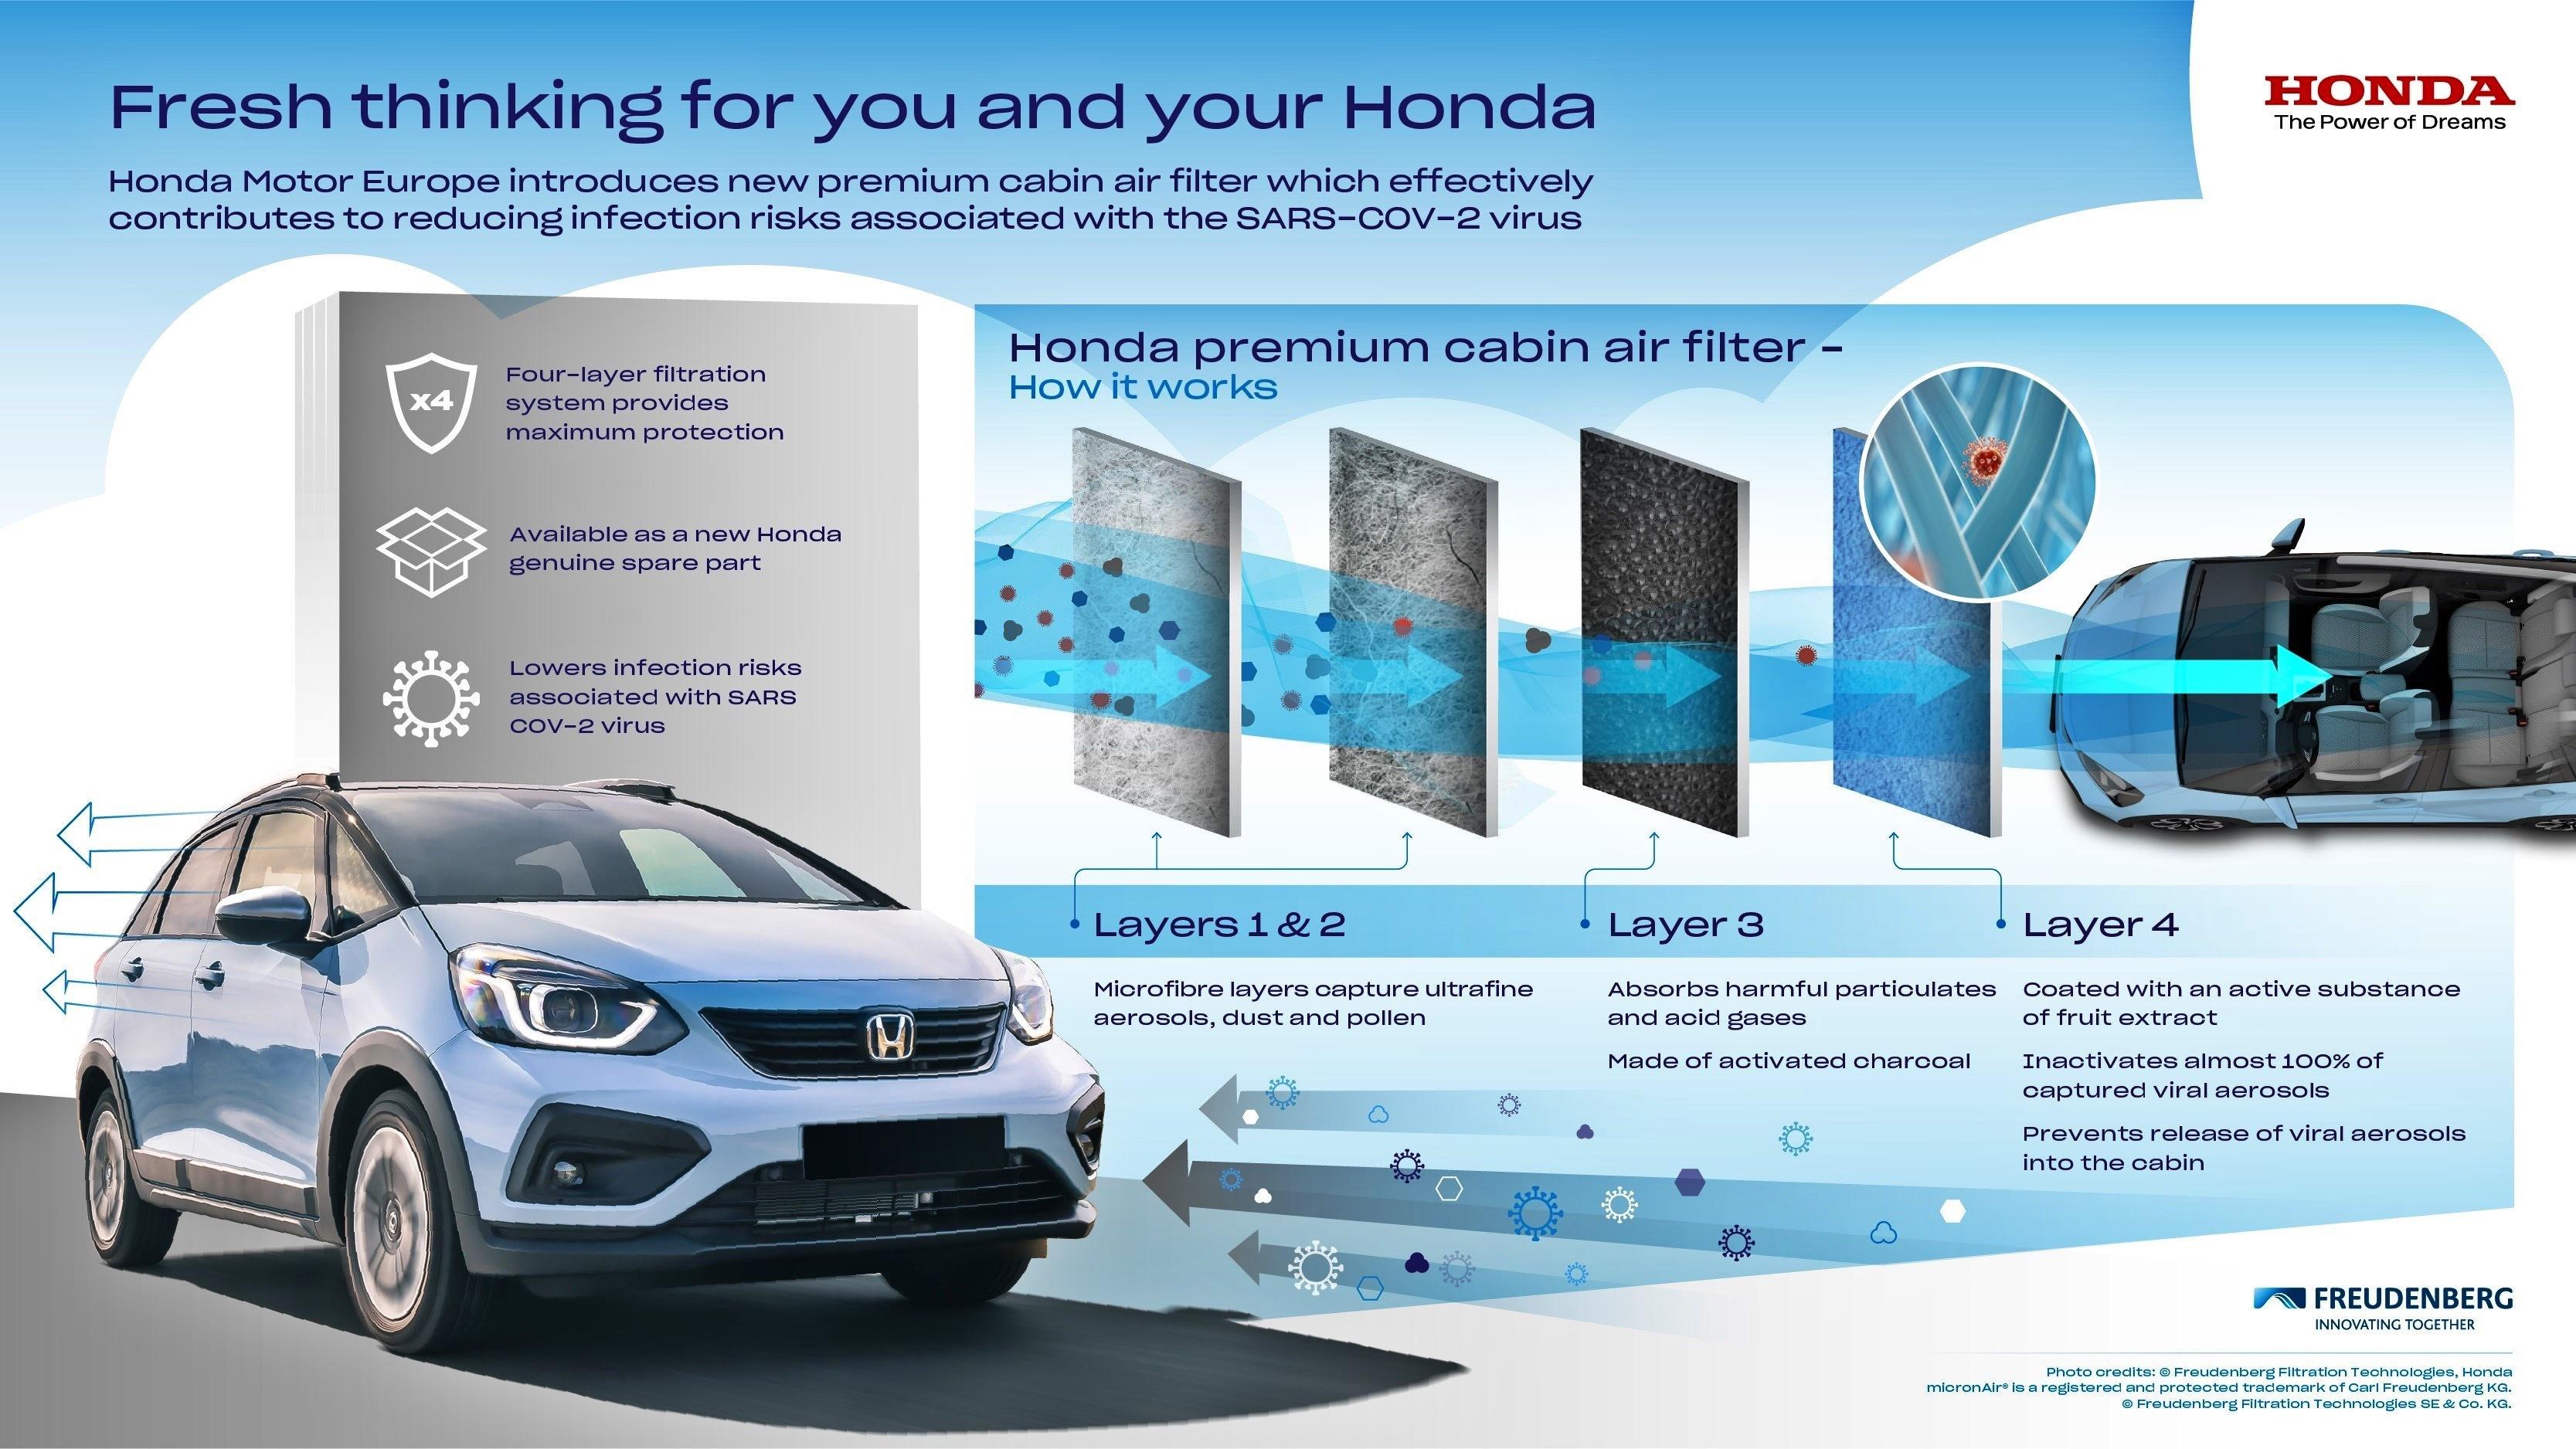 Honda Premium Cabin Air Filter